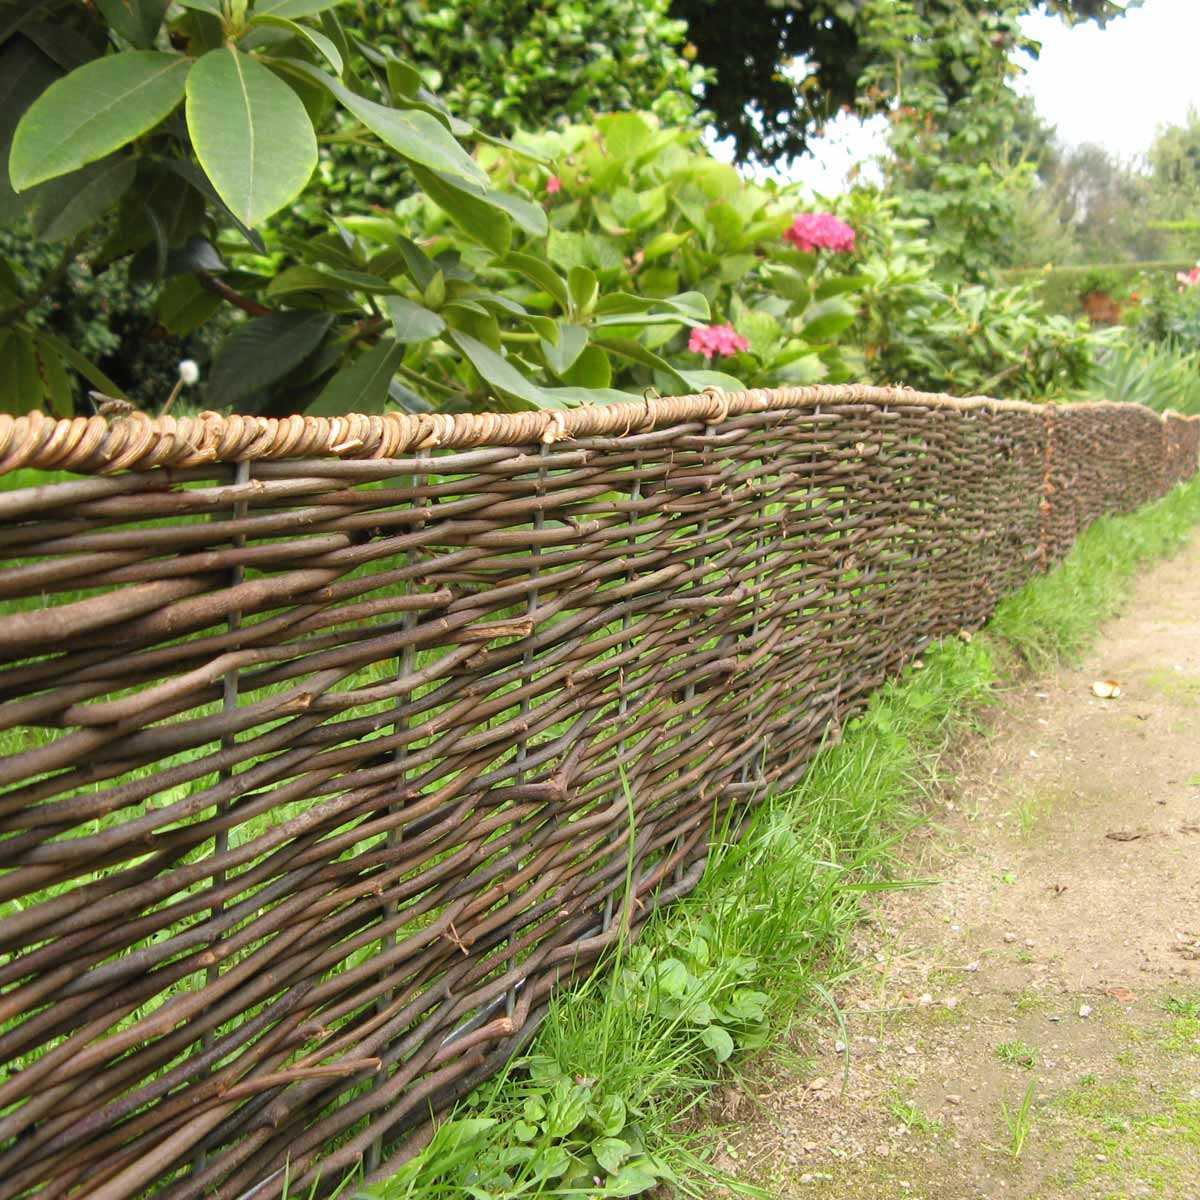 Bordure Bois Pliable En Rotin 180Cm destiné Bordure De Jardin En Osier Tressé